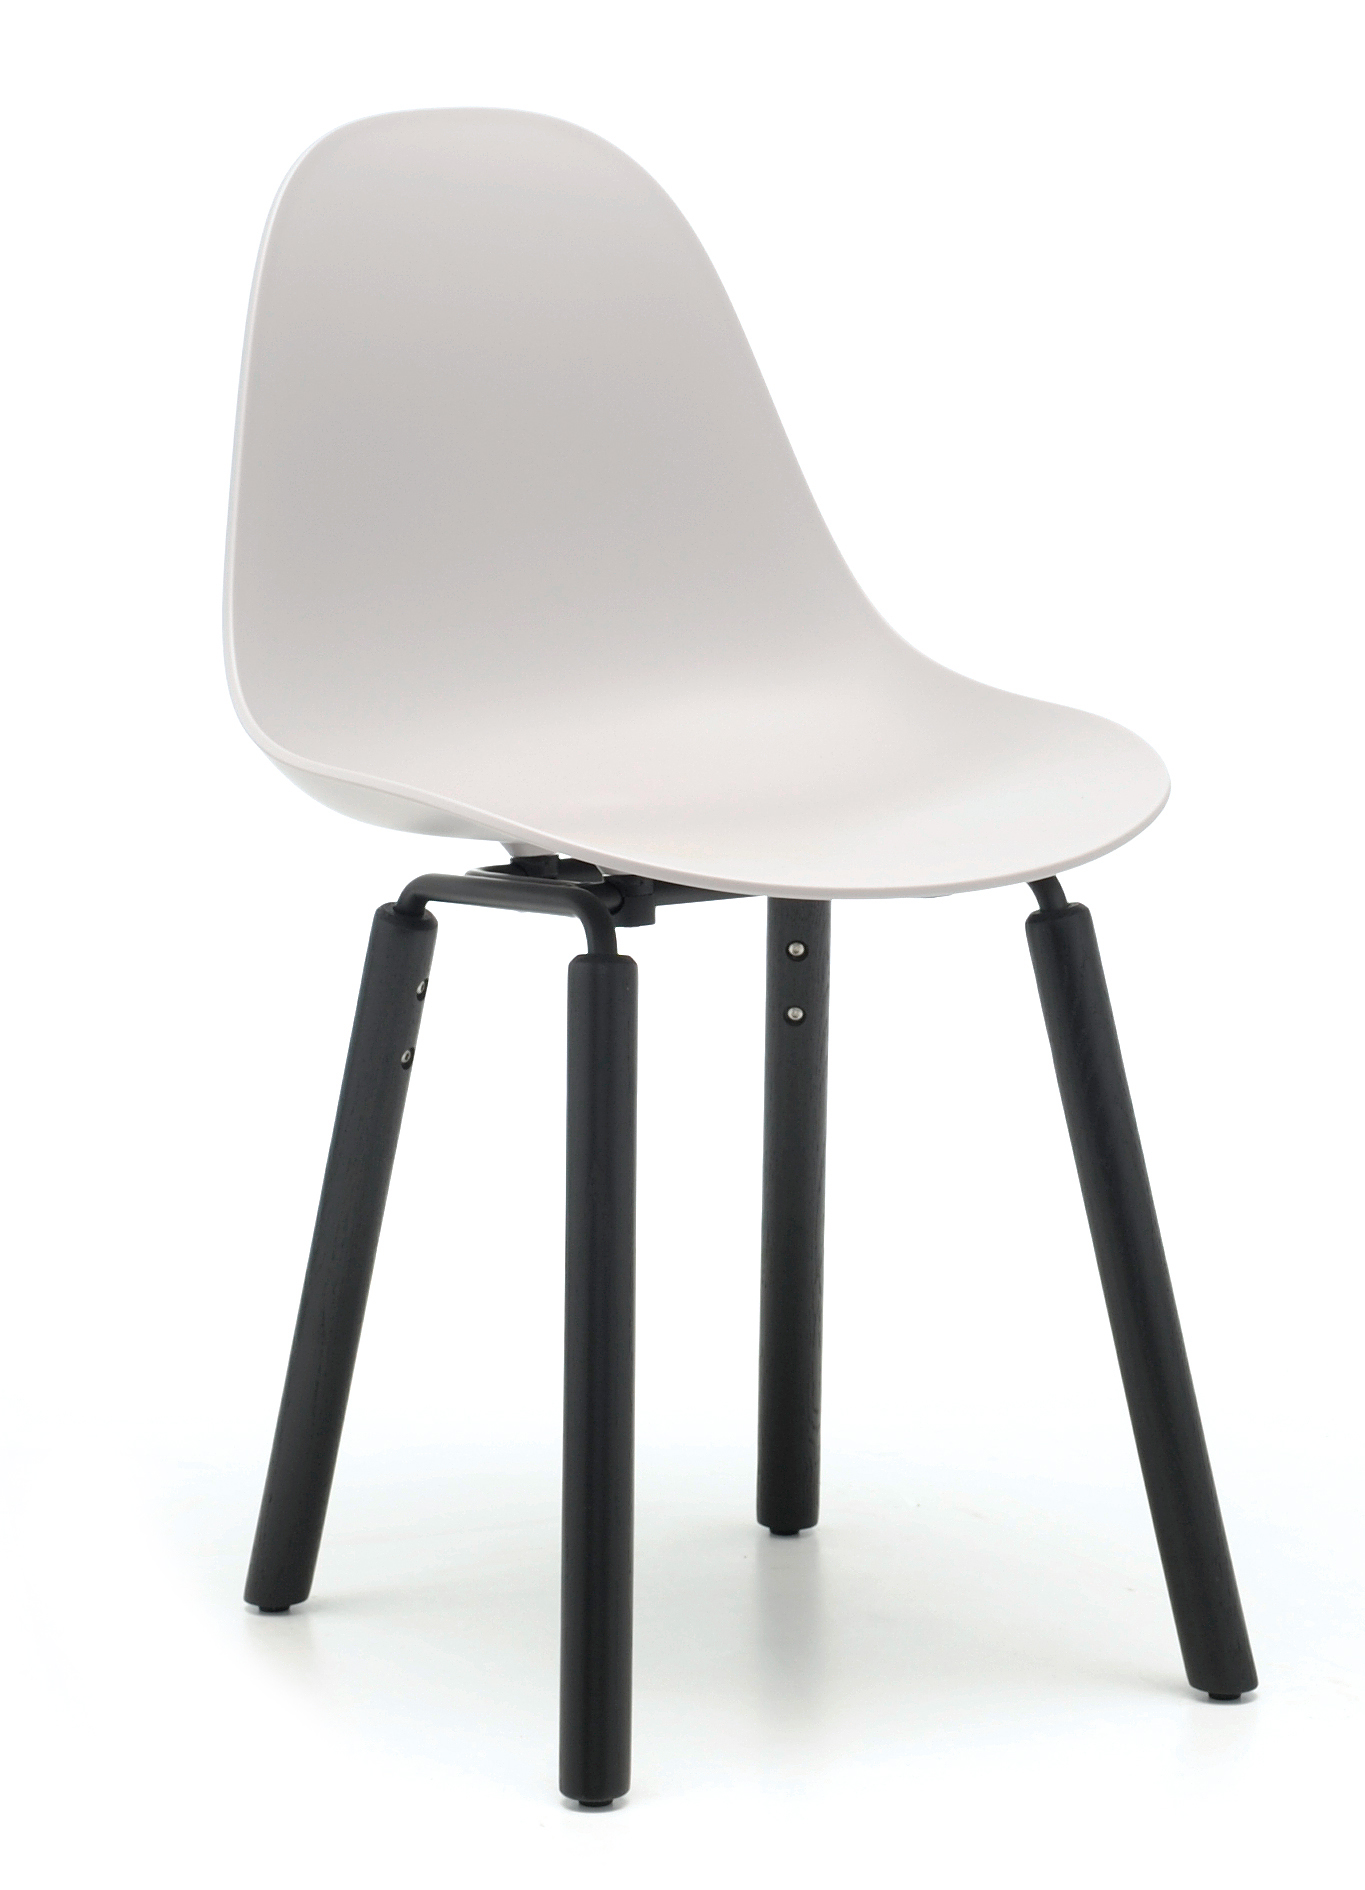 Abbildung Stuhl TA Schrägansicht